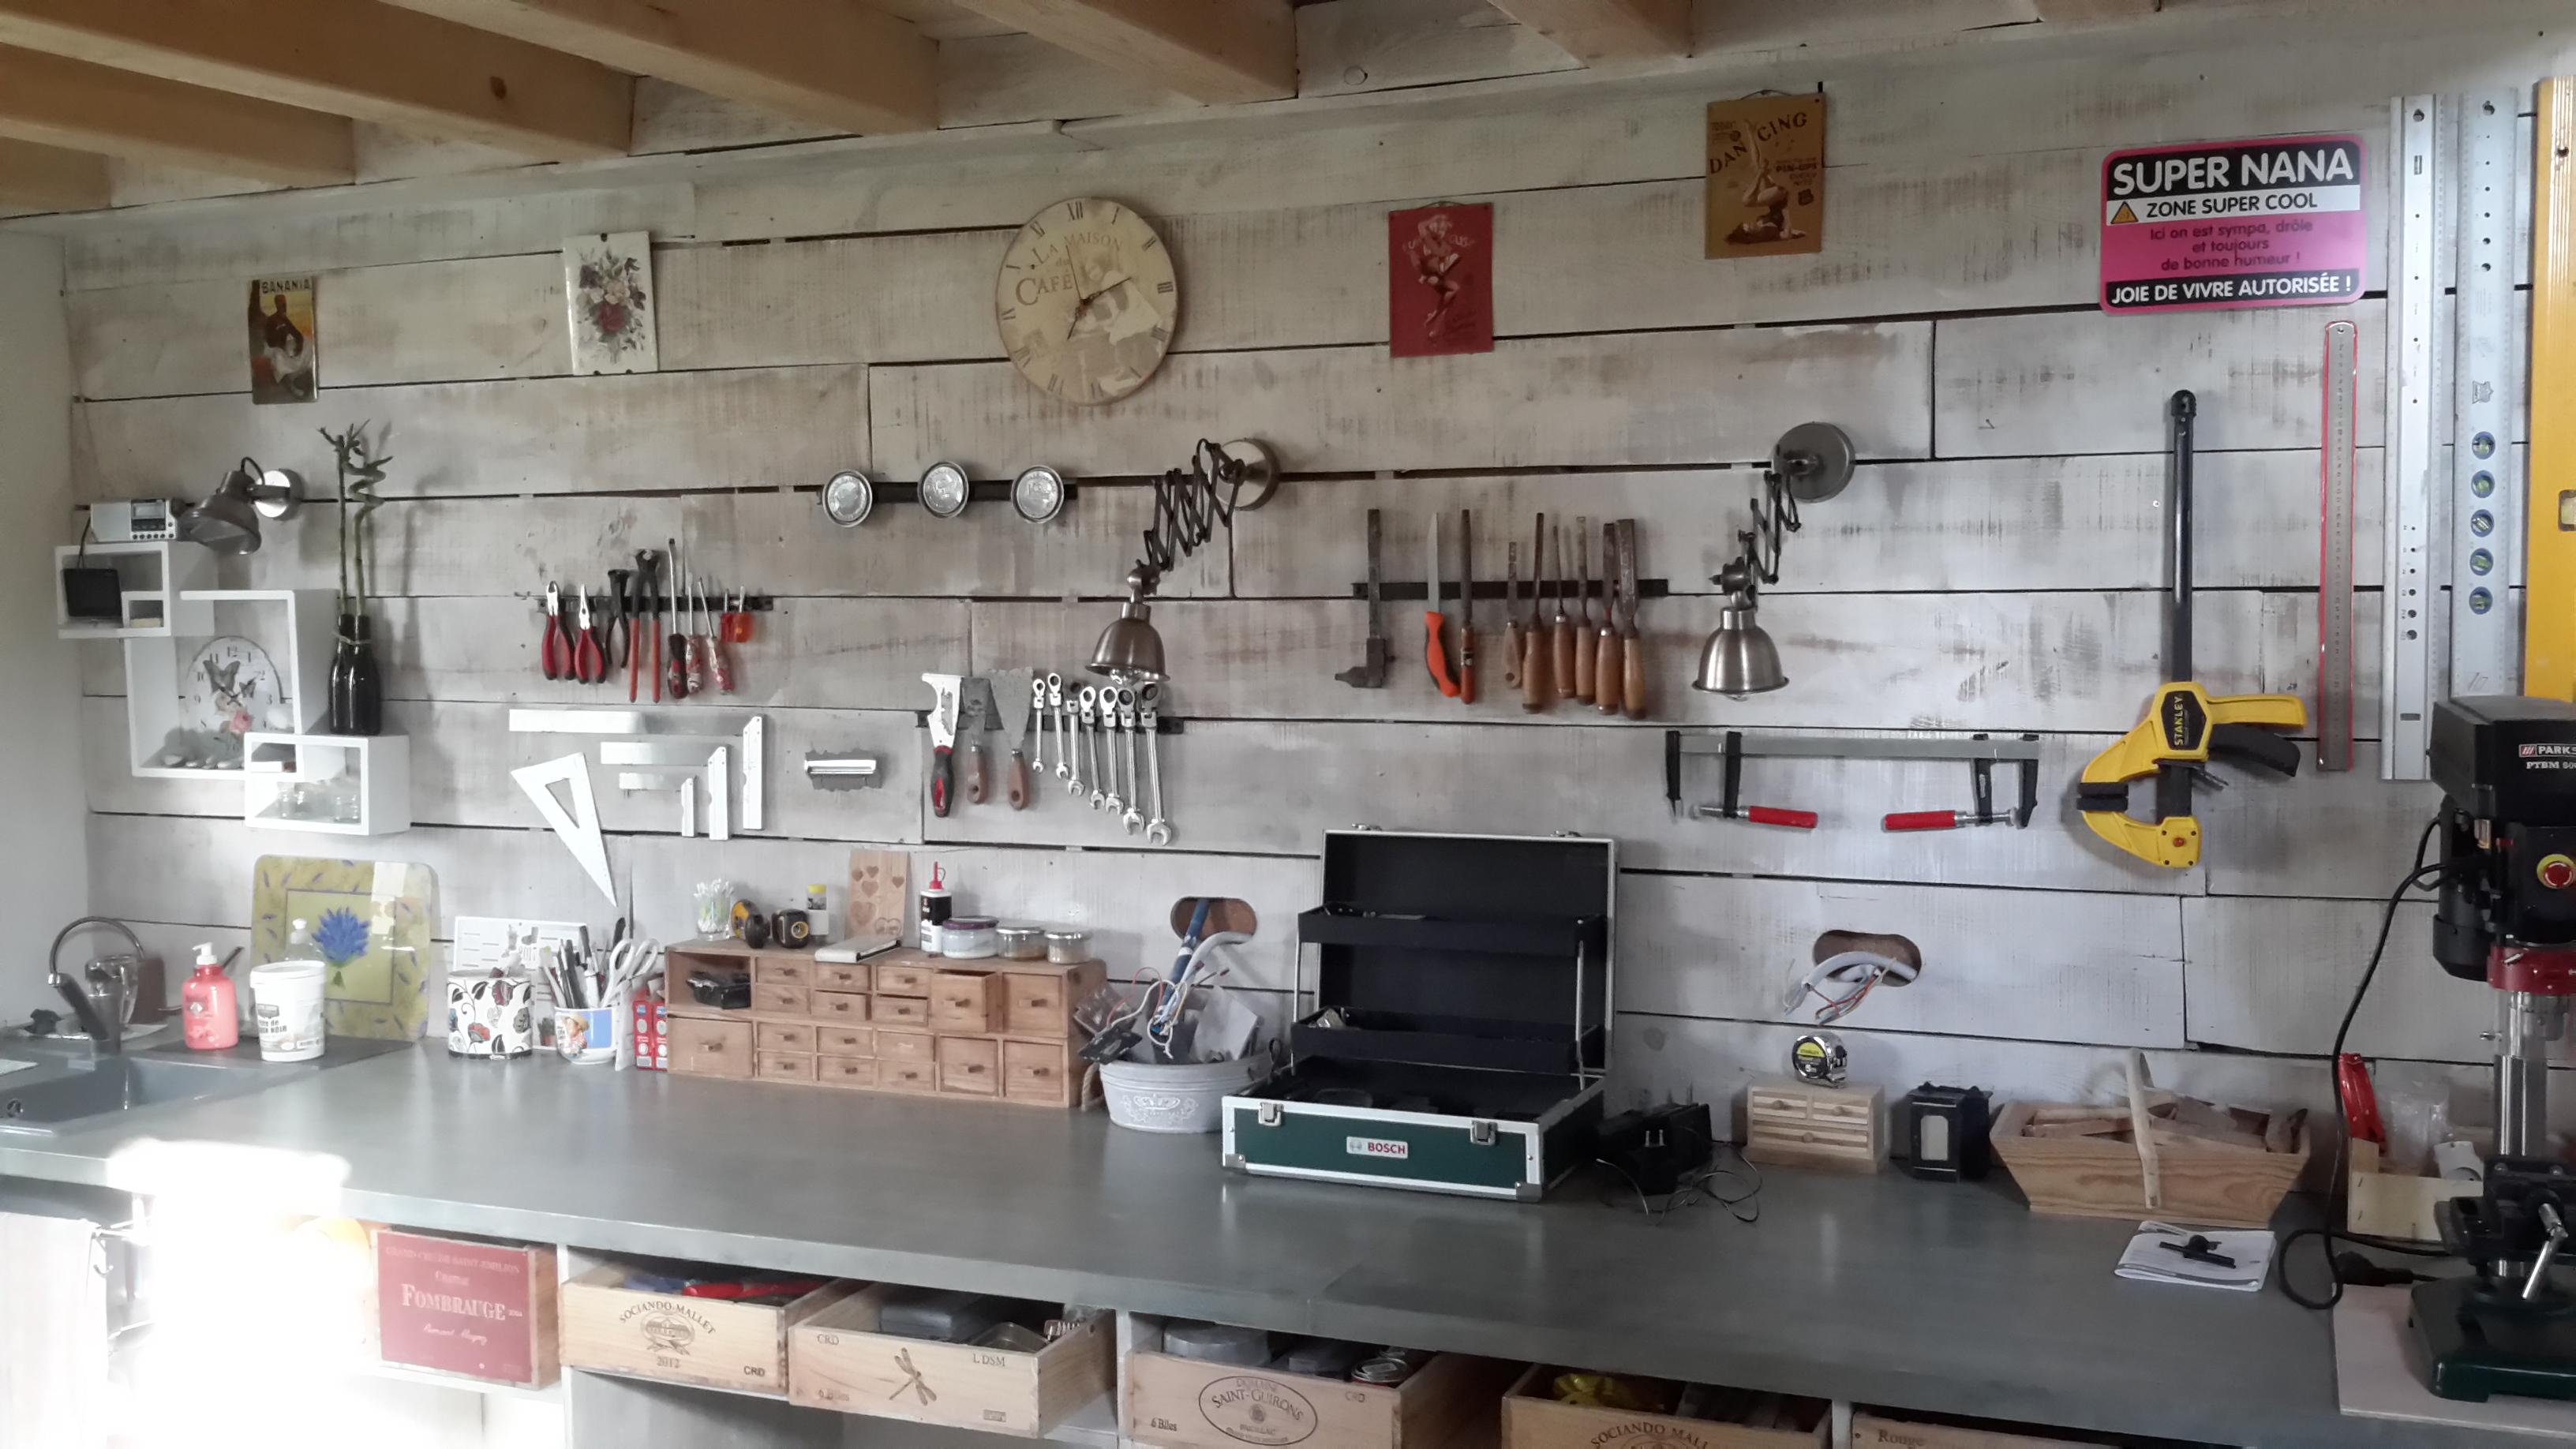 Combien Coute Un Relooking De Cuisine meubles relookés - atelier de marie-o